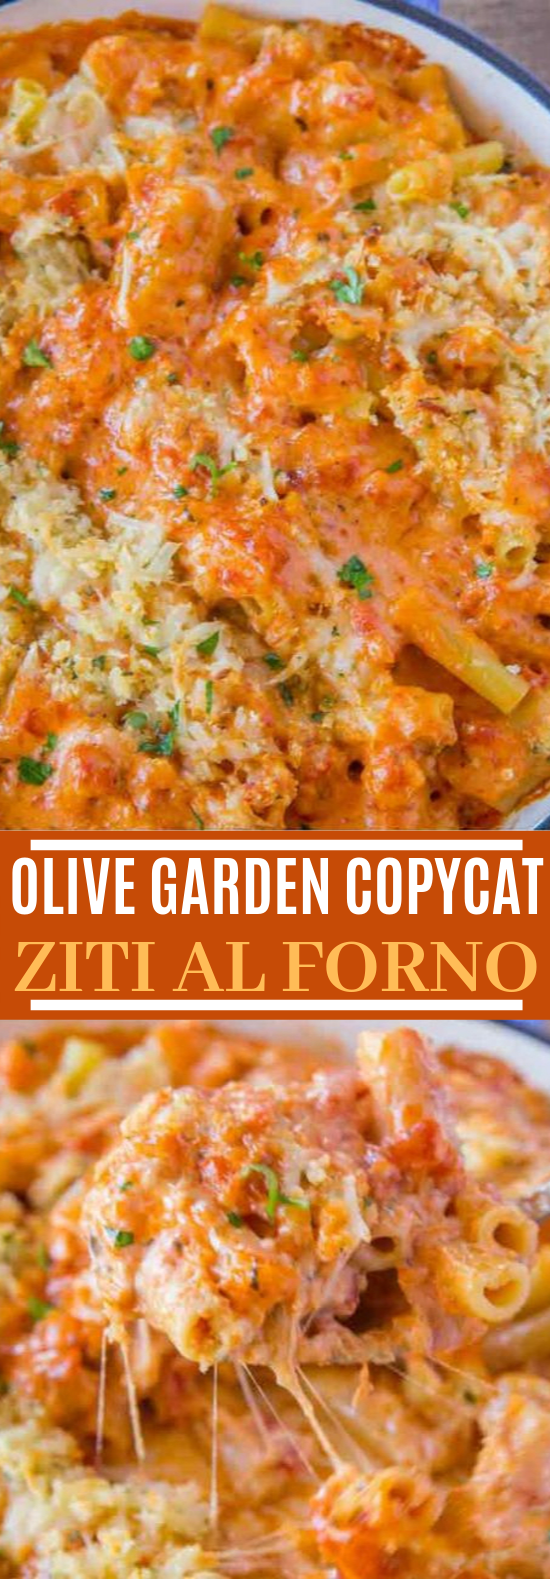 Olive Garden Five Cheese Ziti al Forno (Copycat) #dinner # ...